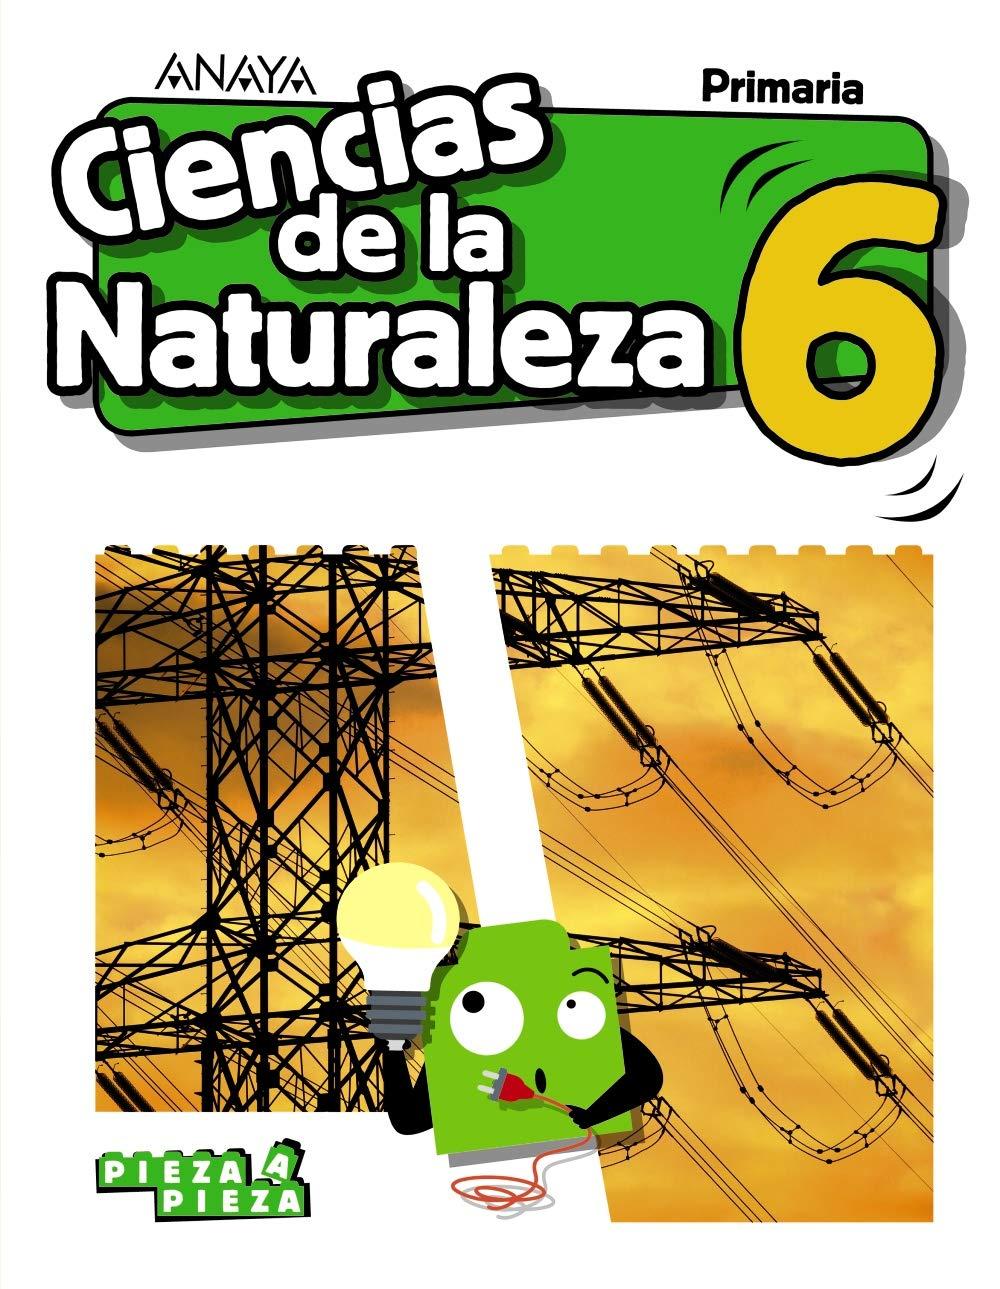 Ciencias De La Naturaleza 6 Pieza A Pieza Amazon Es Gómez Gil Ricardo Valbuena Pradillo Rafael Libros